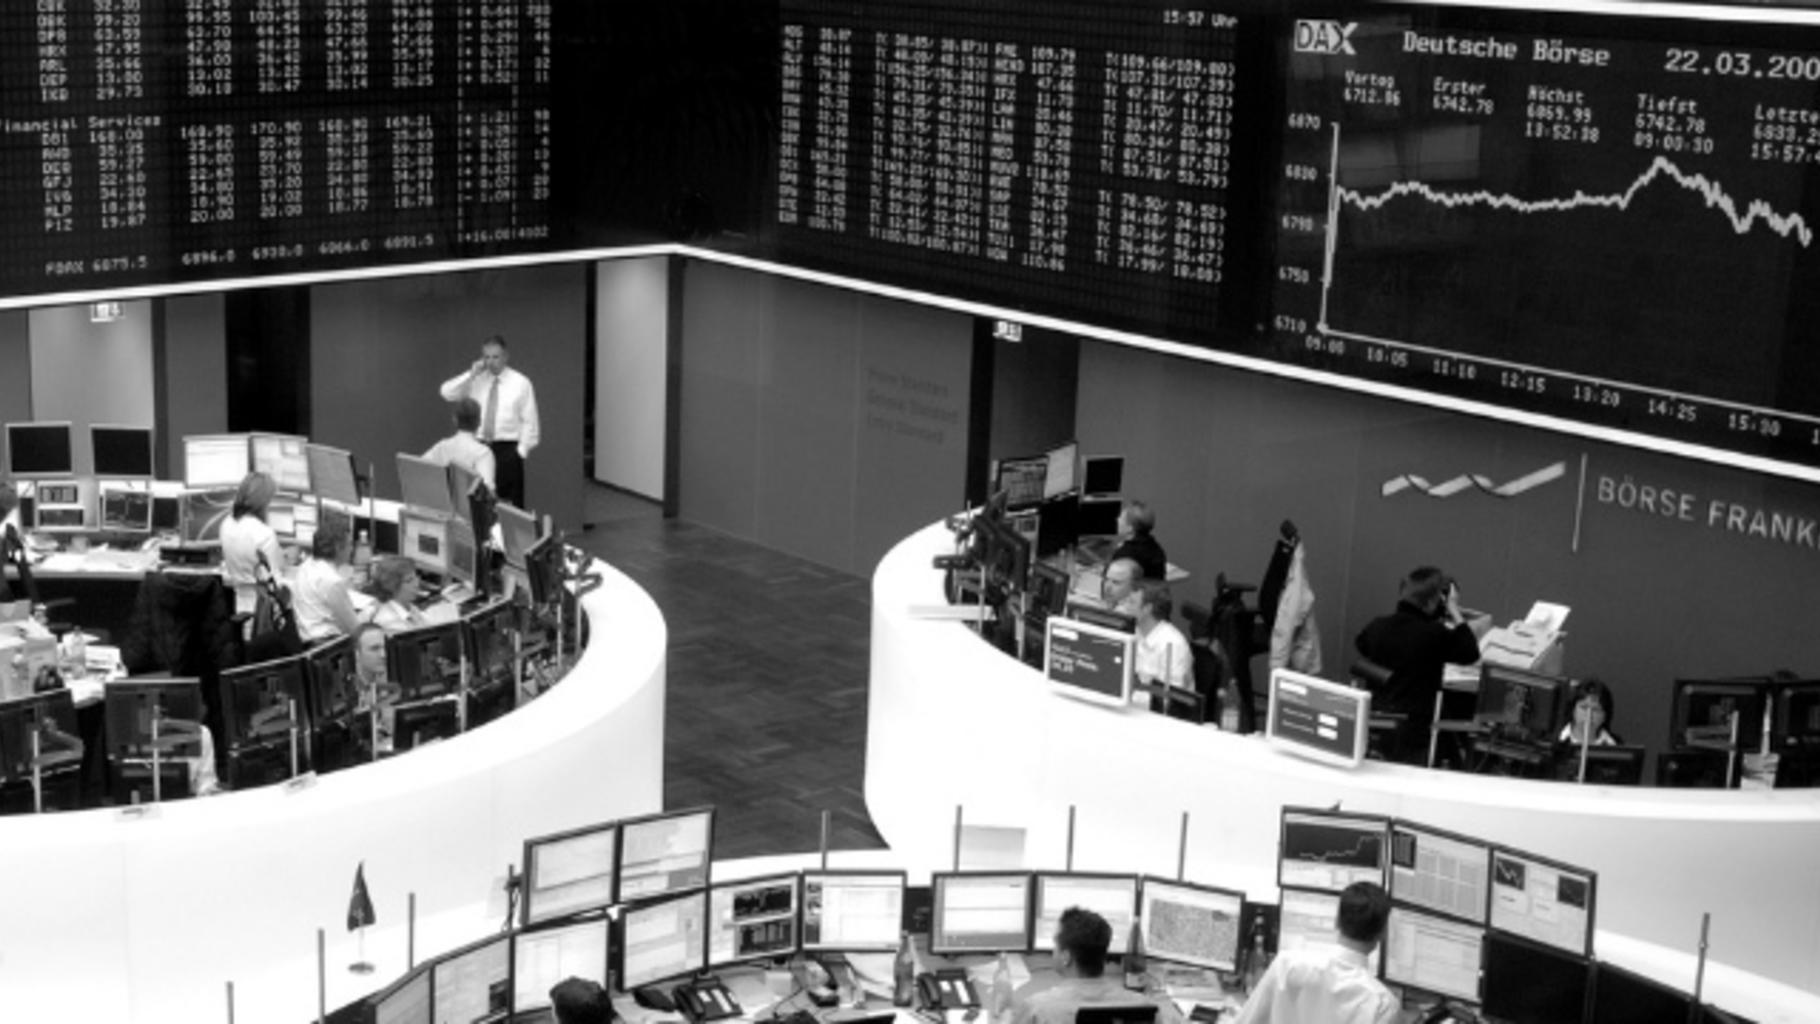 Die Börse in Frankfurt am Main